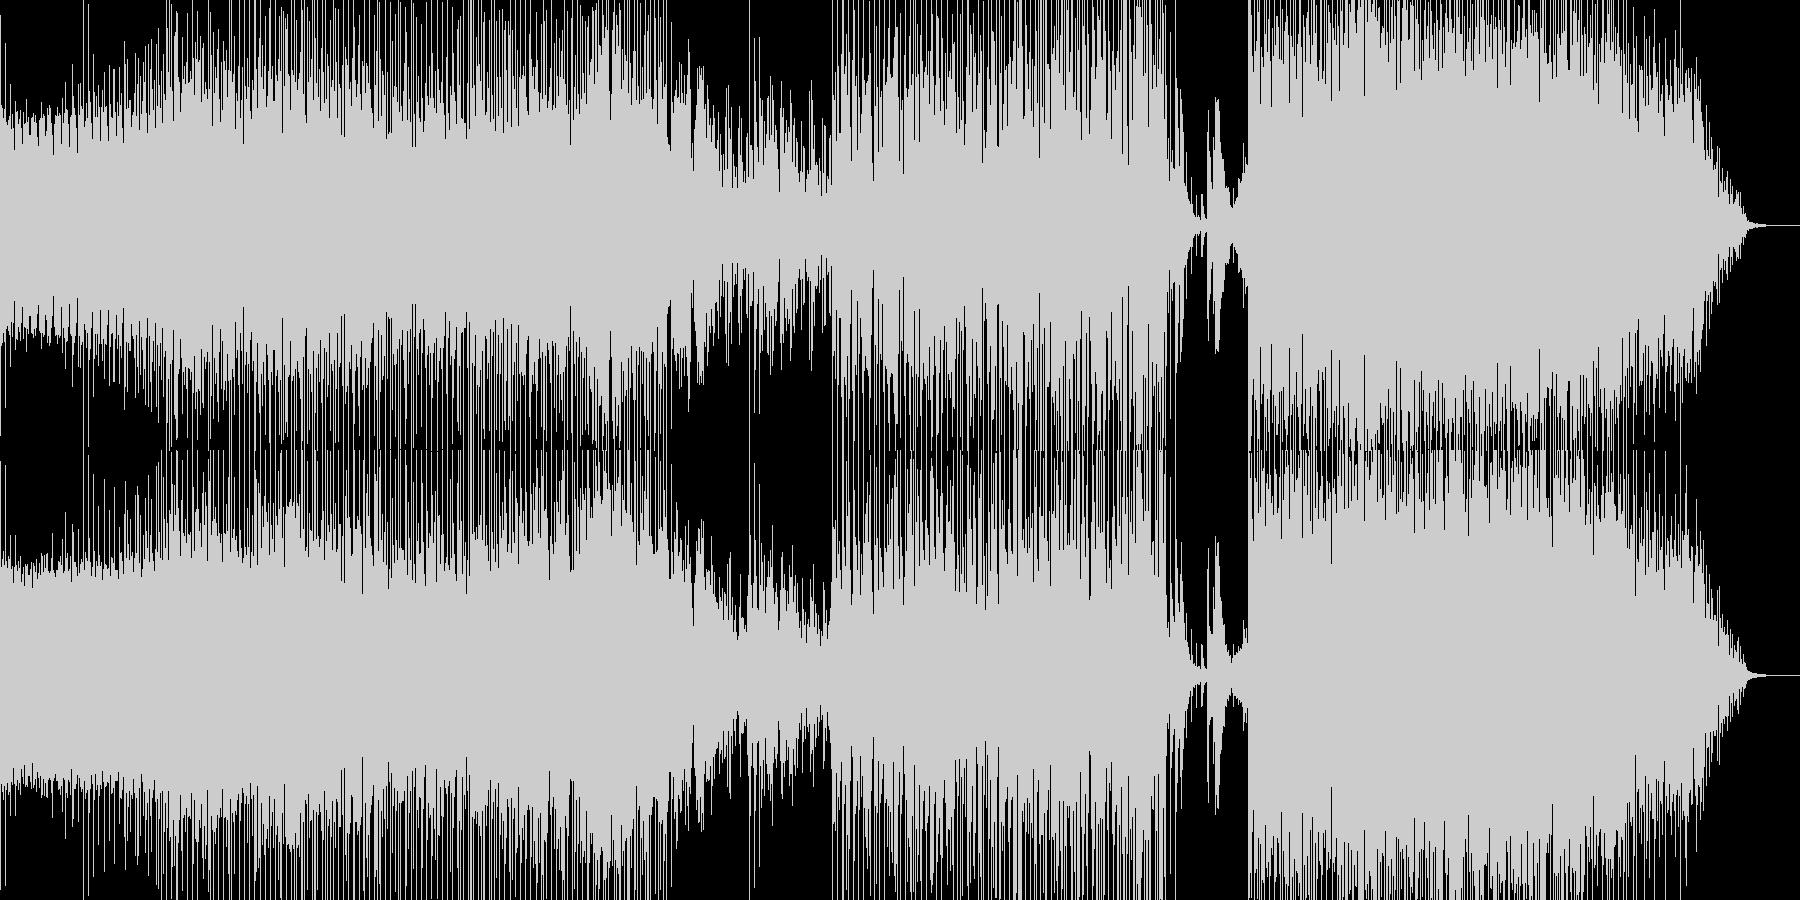 Diverの未再生の波形